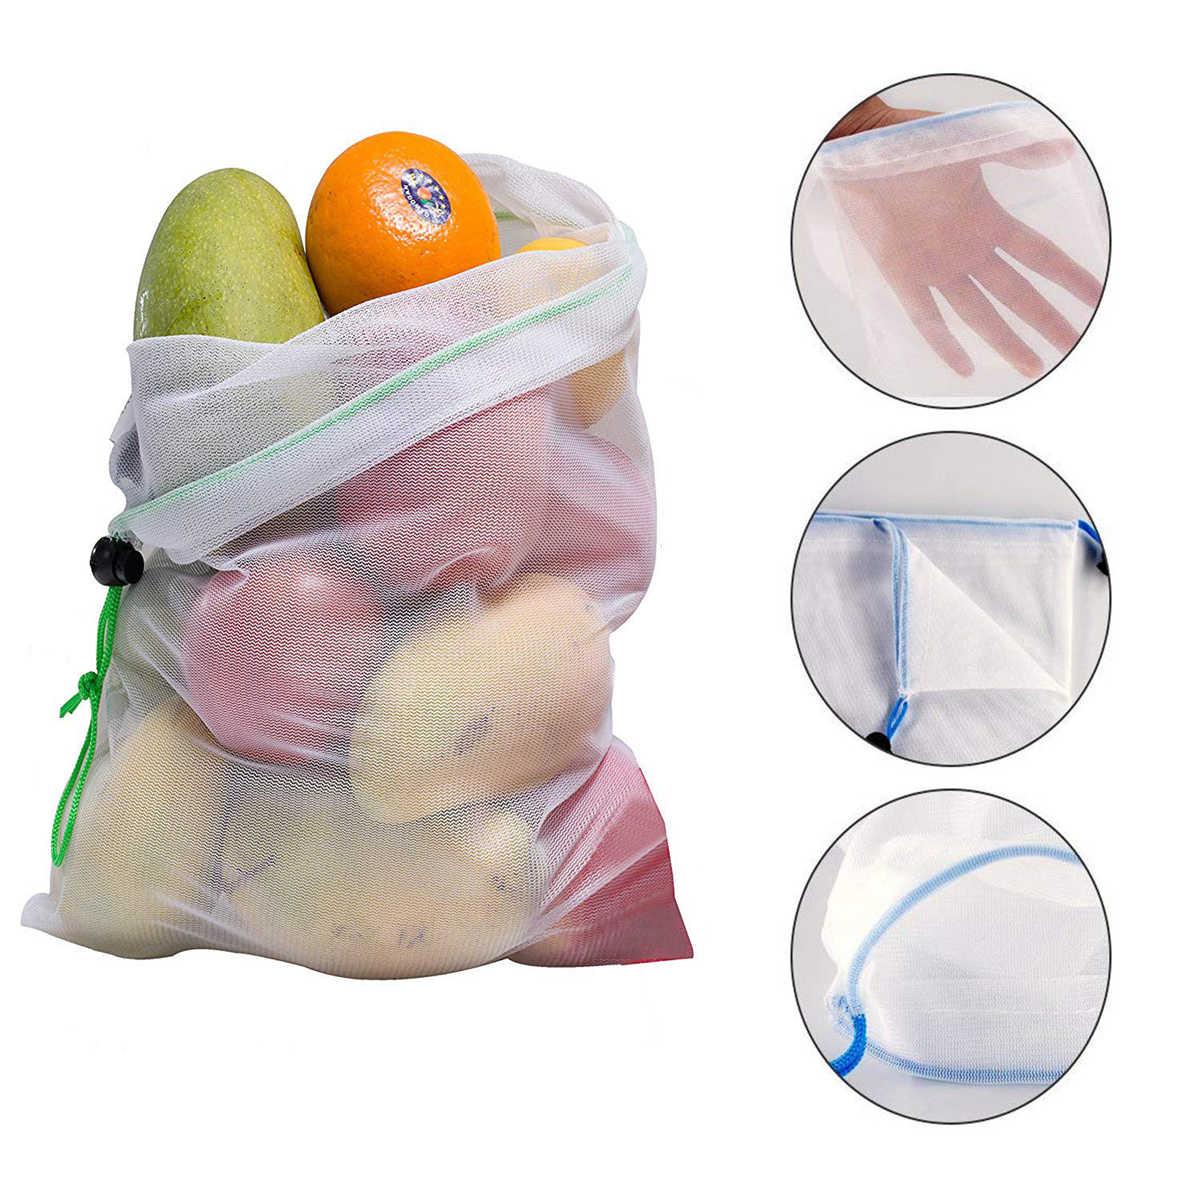 SML перерабатываемая Сетчатая Сумка многоразовая хозяйственная сумка Веревка растительная пища прибор для хранения фруктов мешочек продуктовые сумки шоппер сумка-Органайзер 15 шт/лот